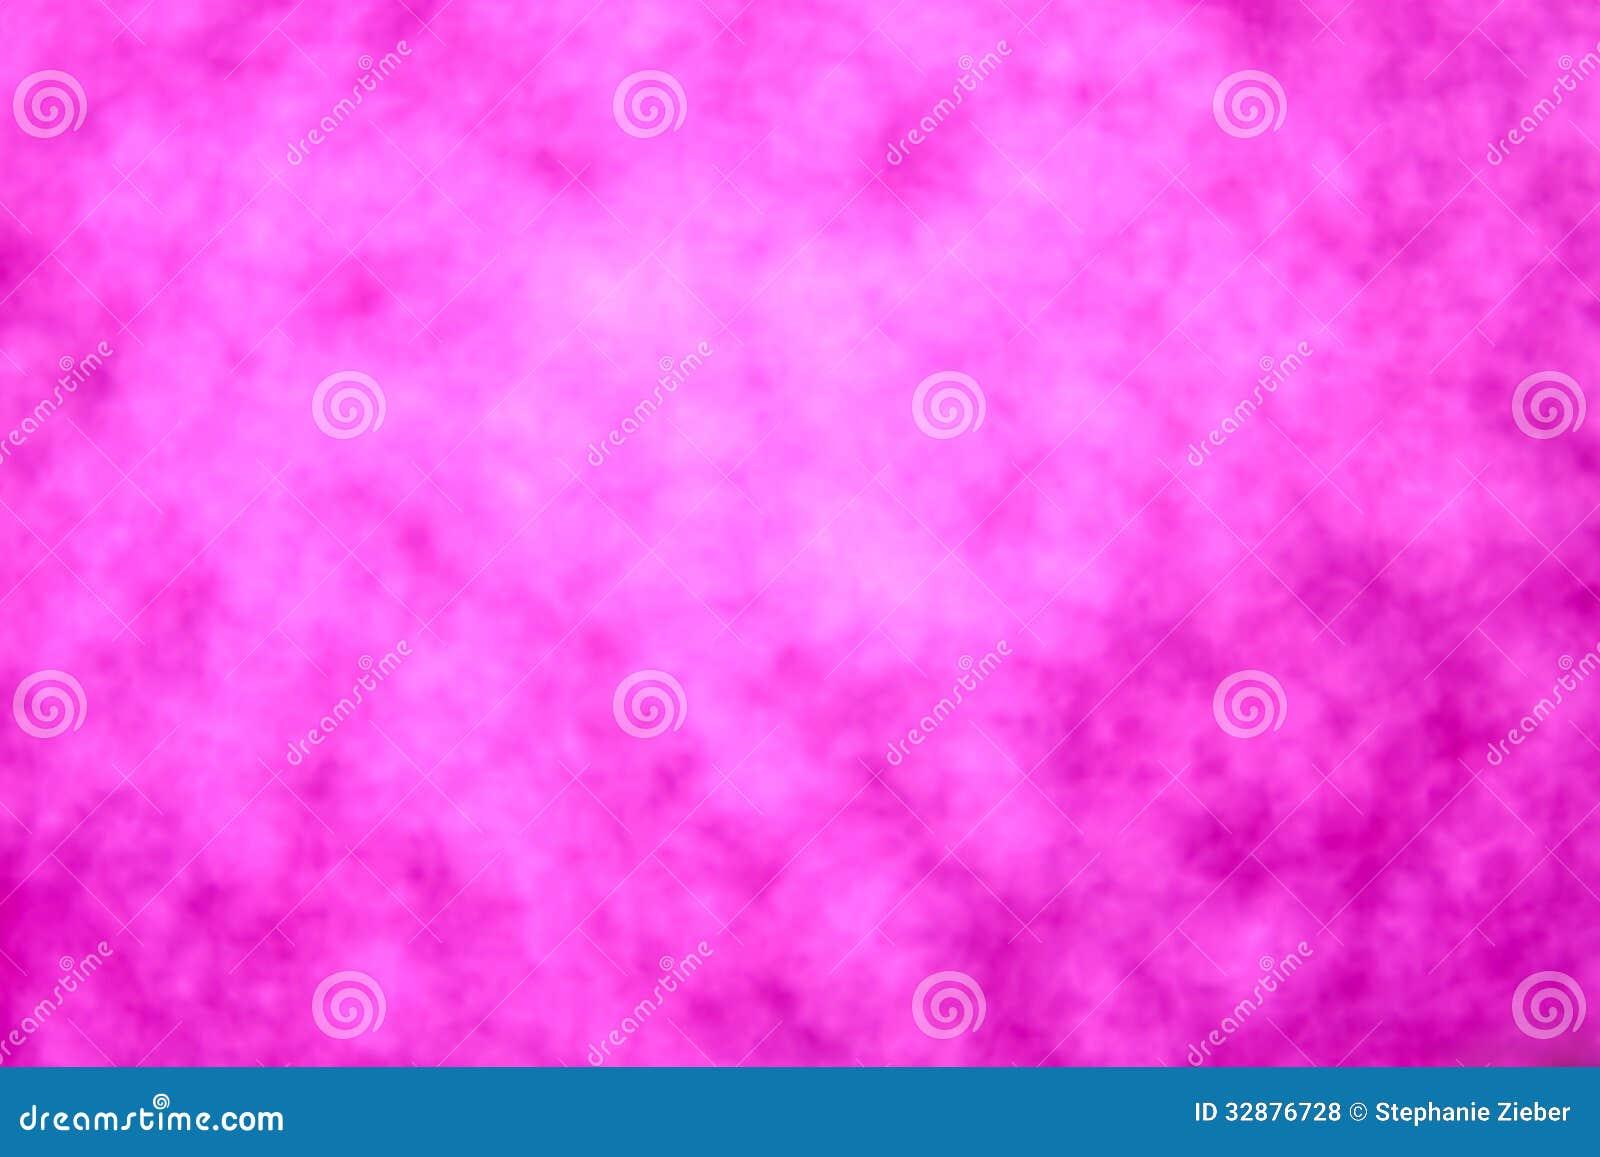 foto de Fundo Cor de rosa Abstrato Fotos de Stock Royalty Free Imagem: 32876728